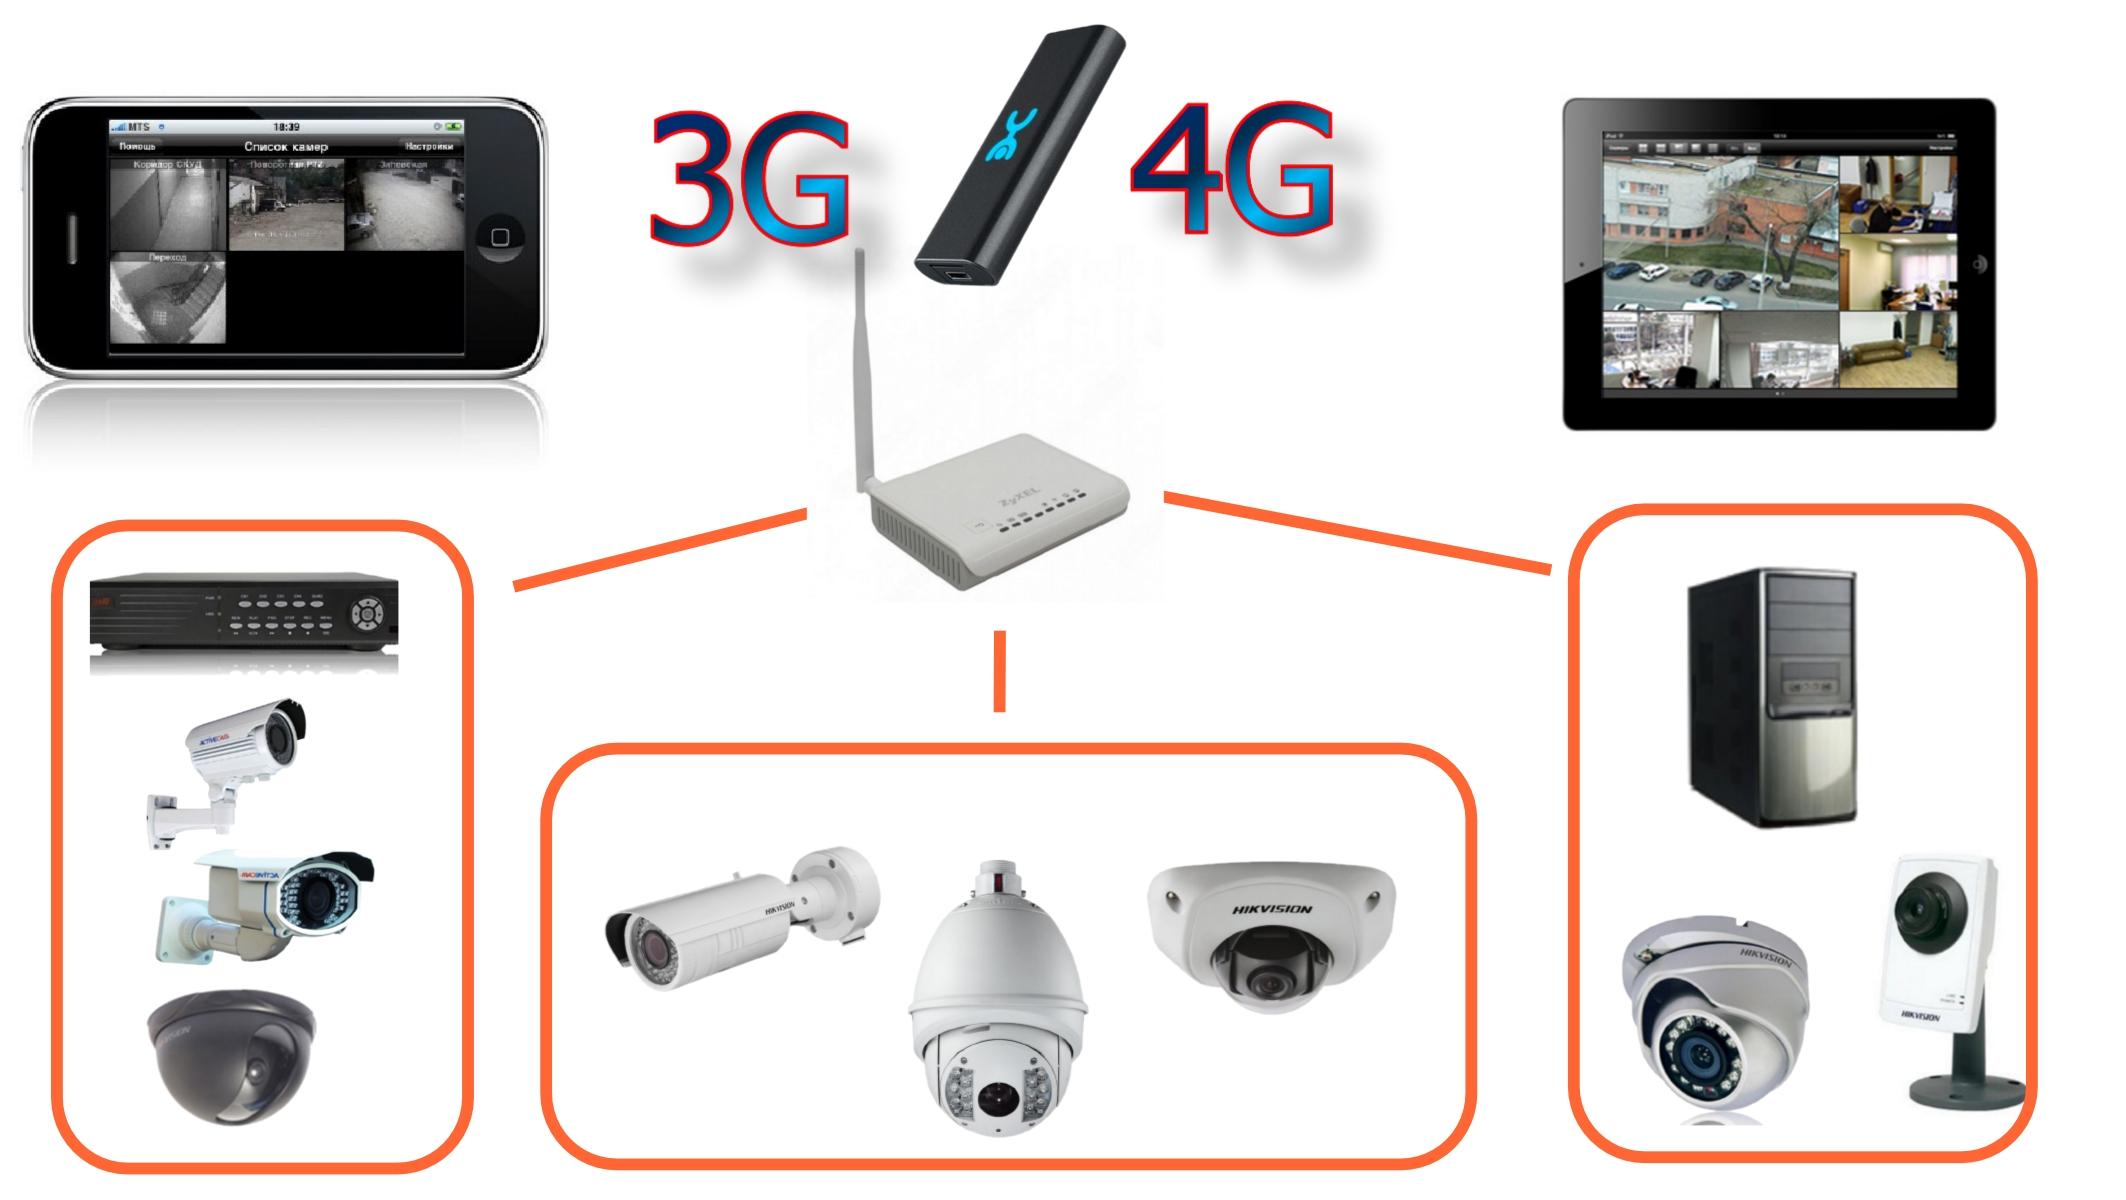 Видеонаблюдение через web камеру преимущества и недостатки, разновидности и структура